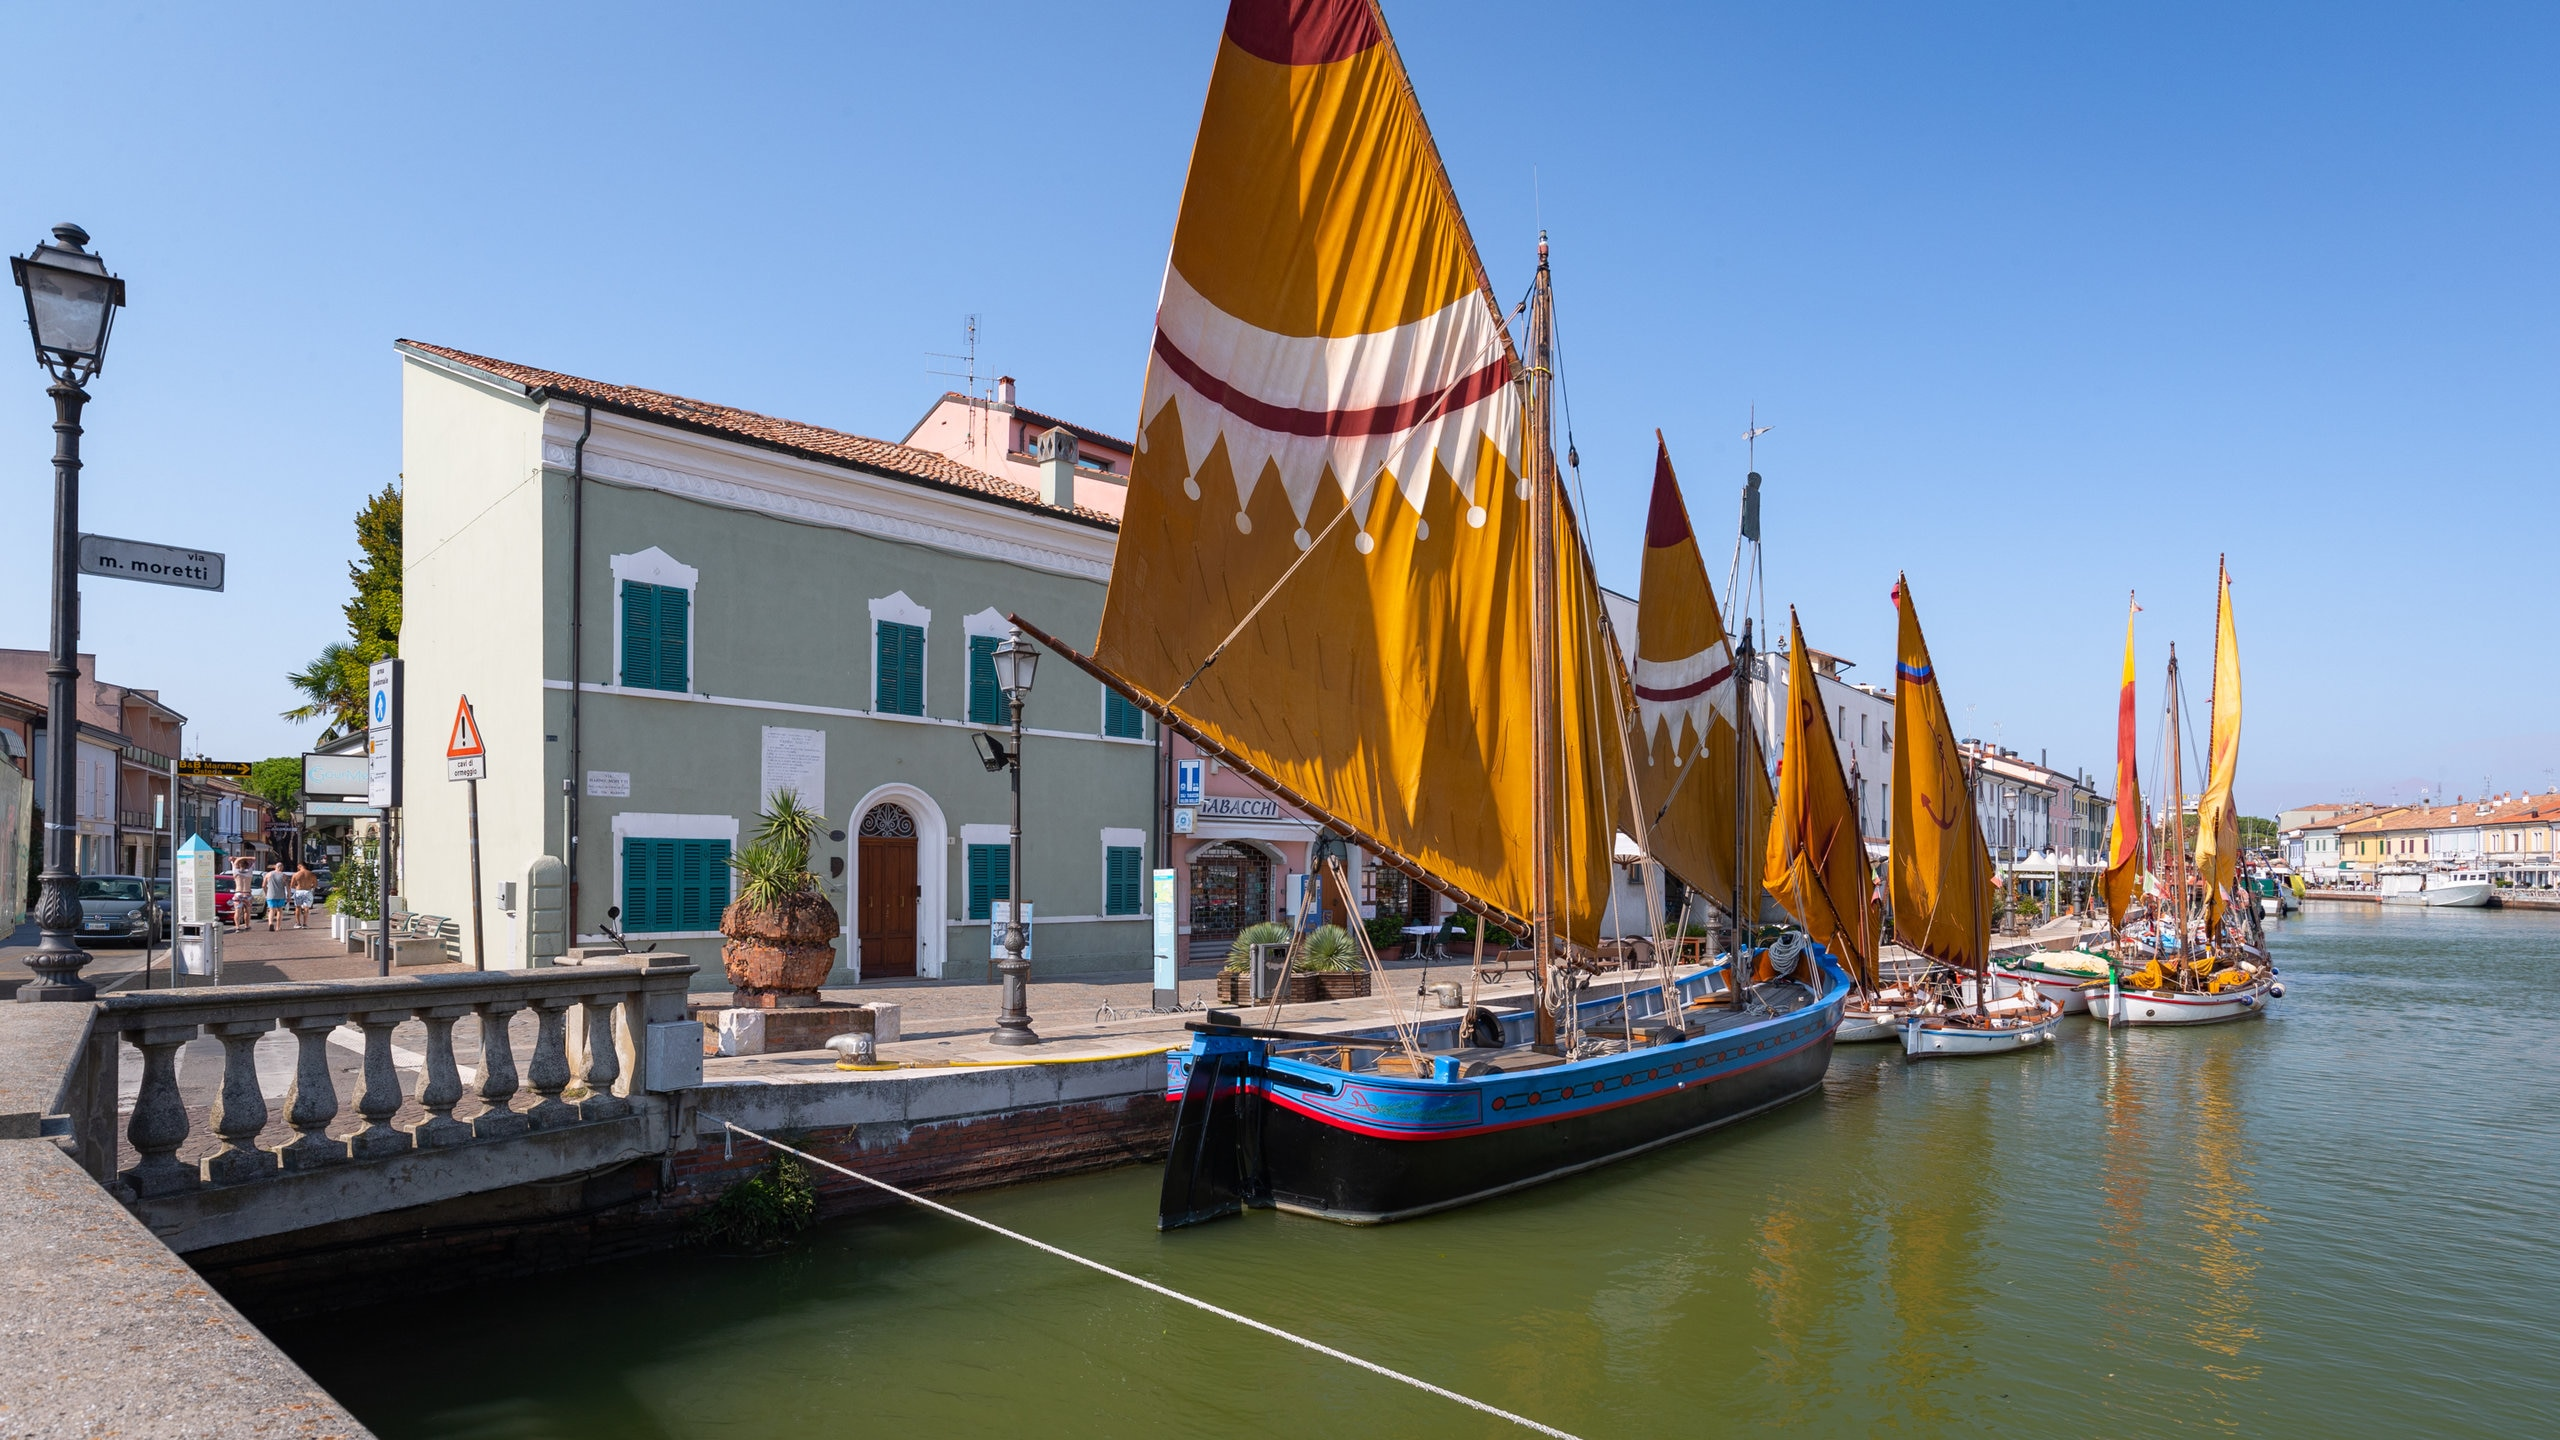 Zu einem Aufenthalt in Cesenatico gehört auch ein Besuch von Moretti House, um dort eine Weile die Ausstellungen zu entdecken. Machen Sie einen Spaziergang am Jachthafen oder entdecken Sie die Wasserfälle in der Gegend.